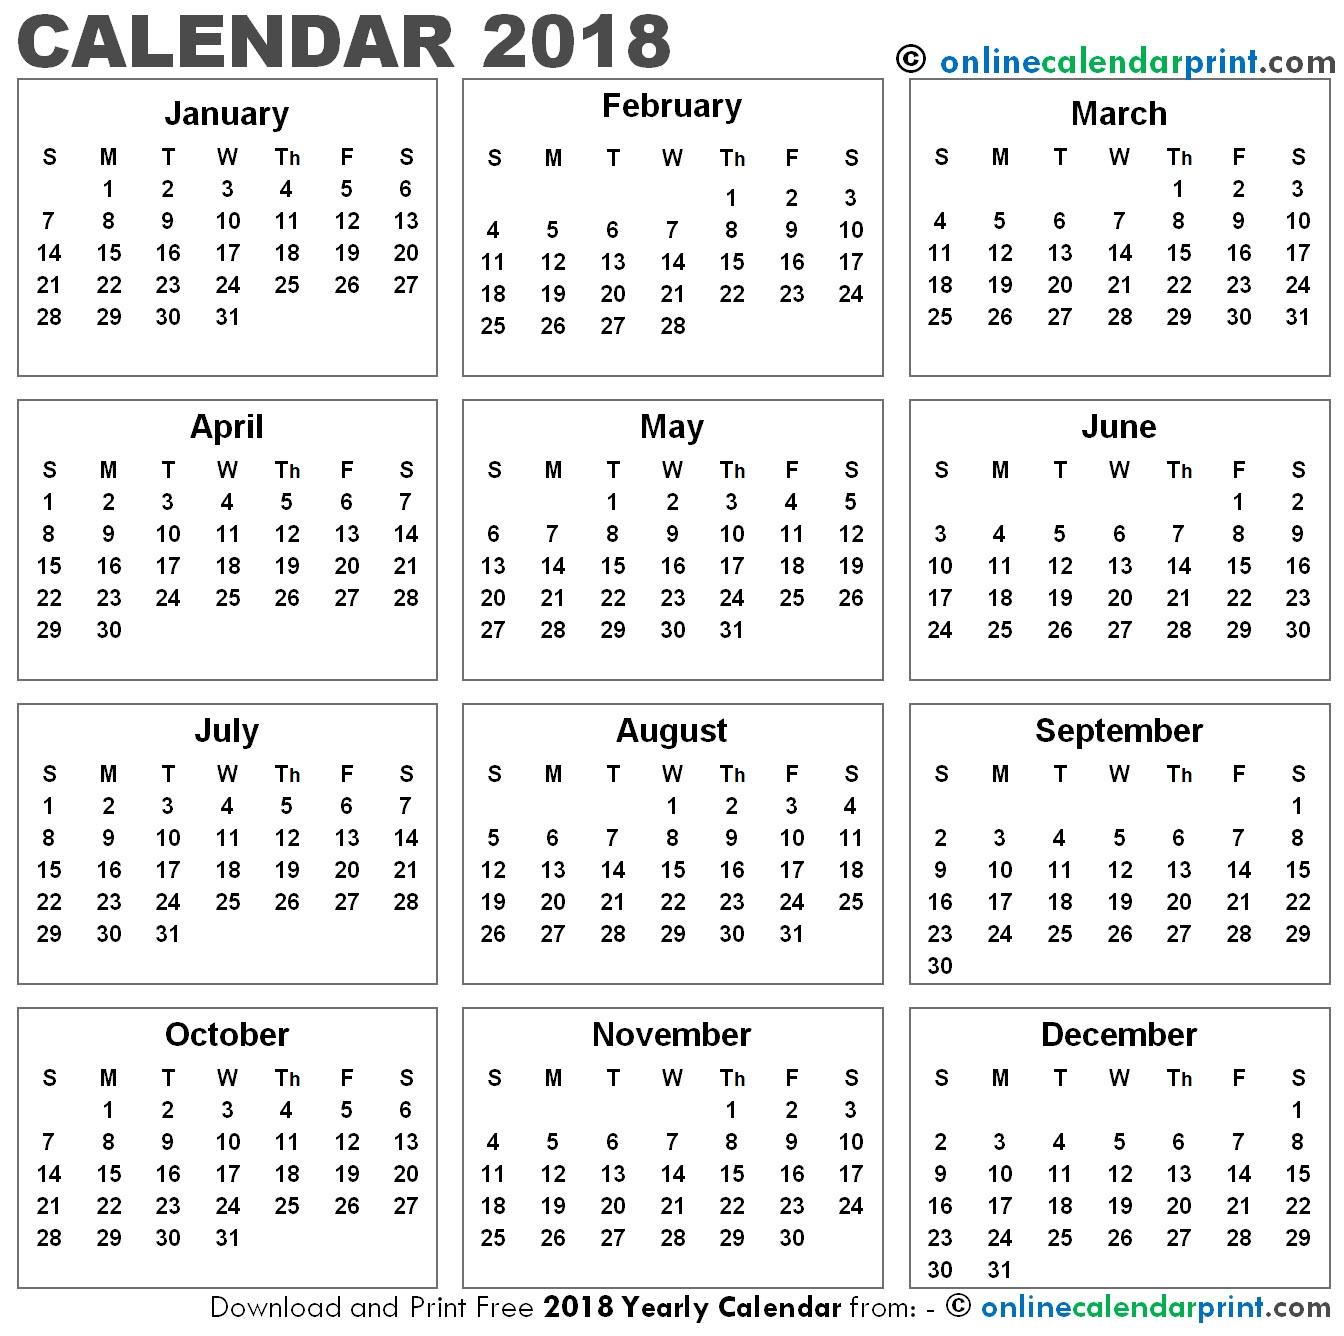 Free Printable 12 Month Calendar 2018